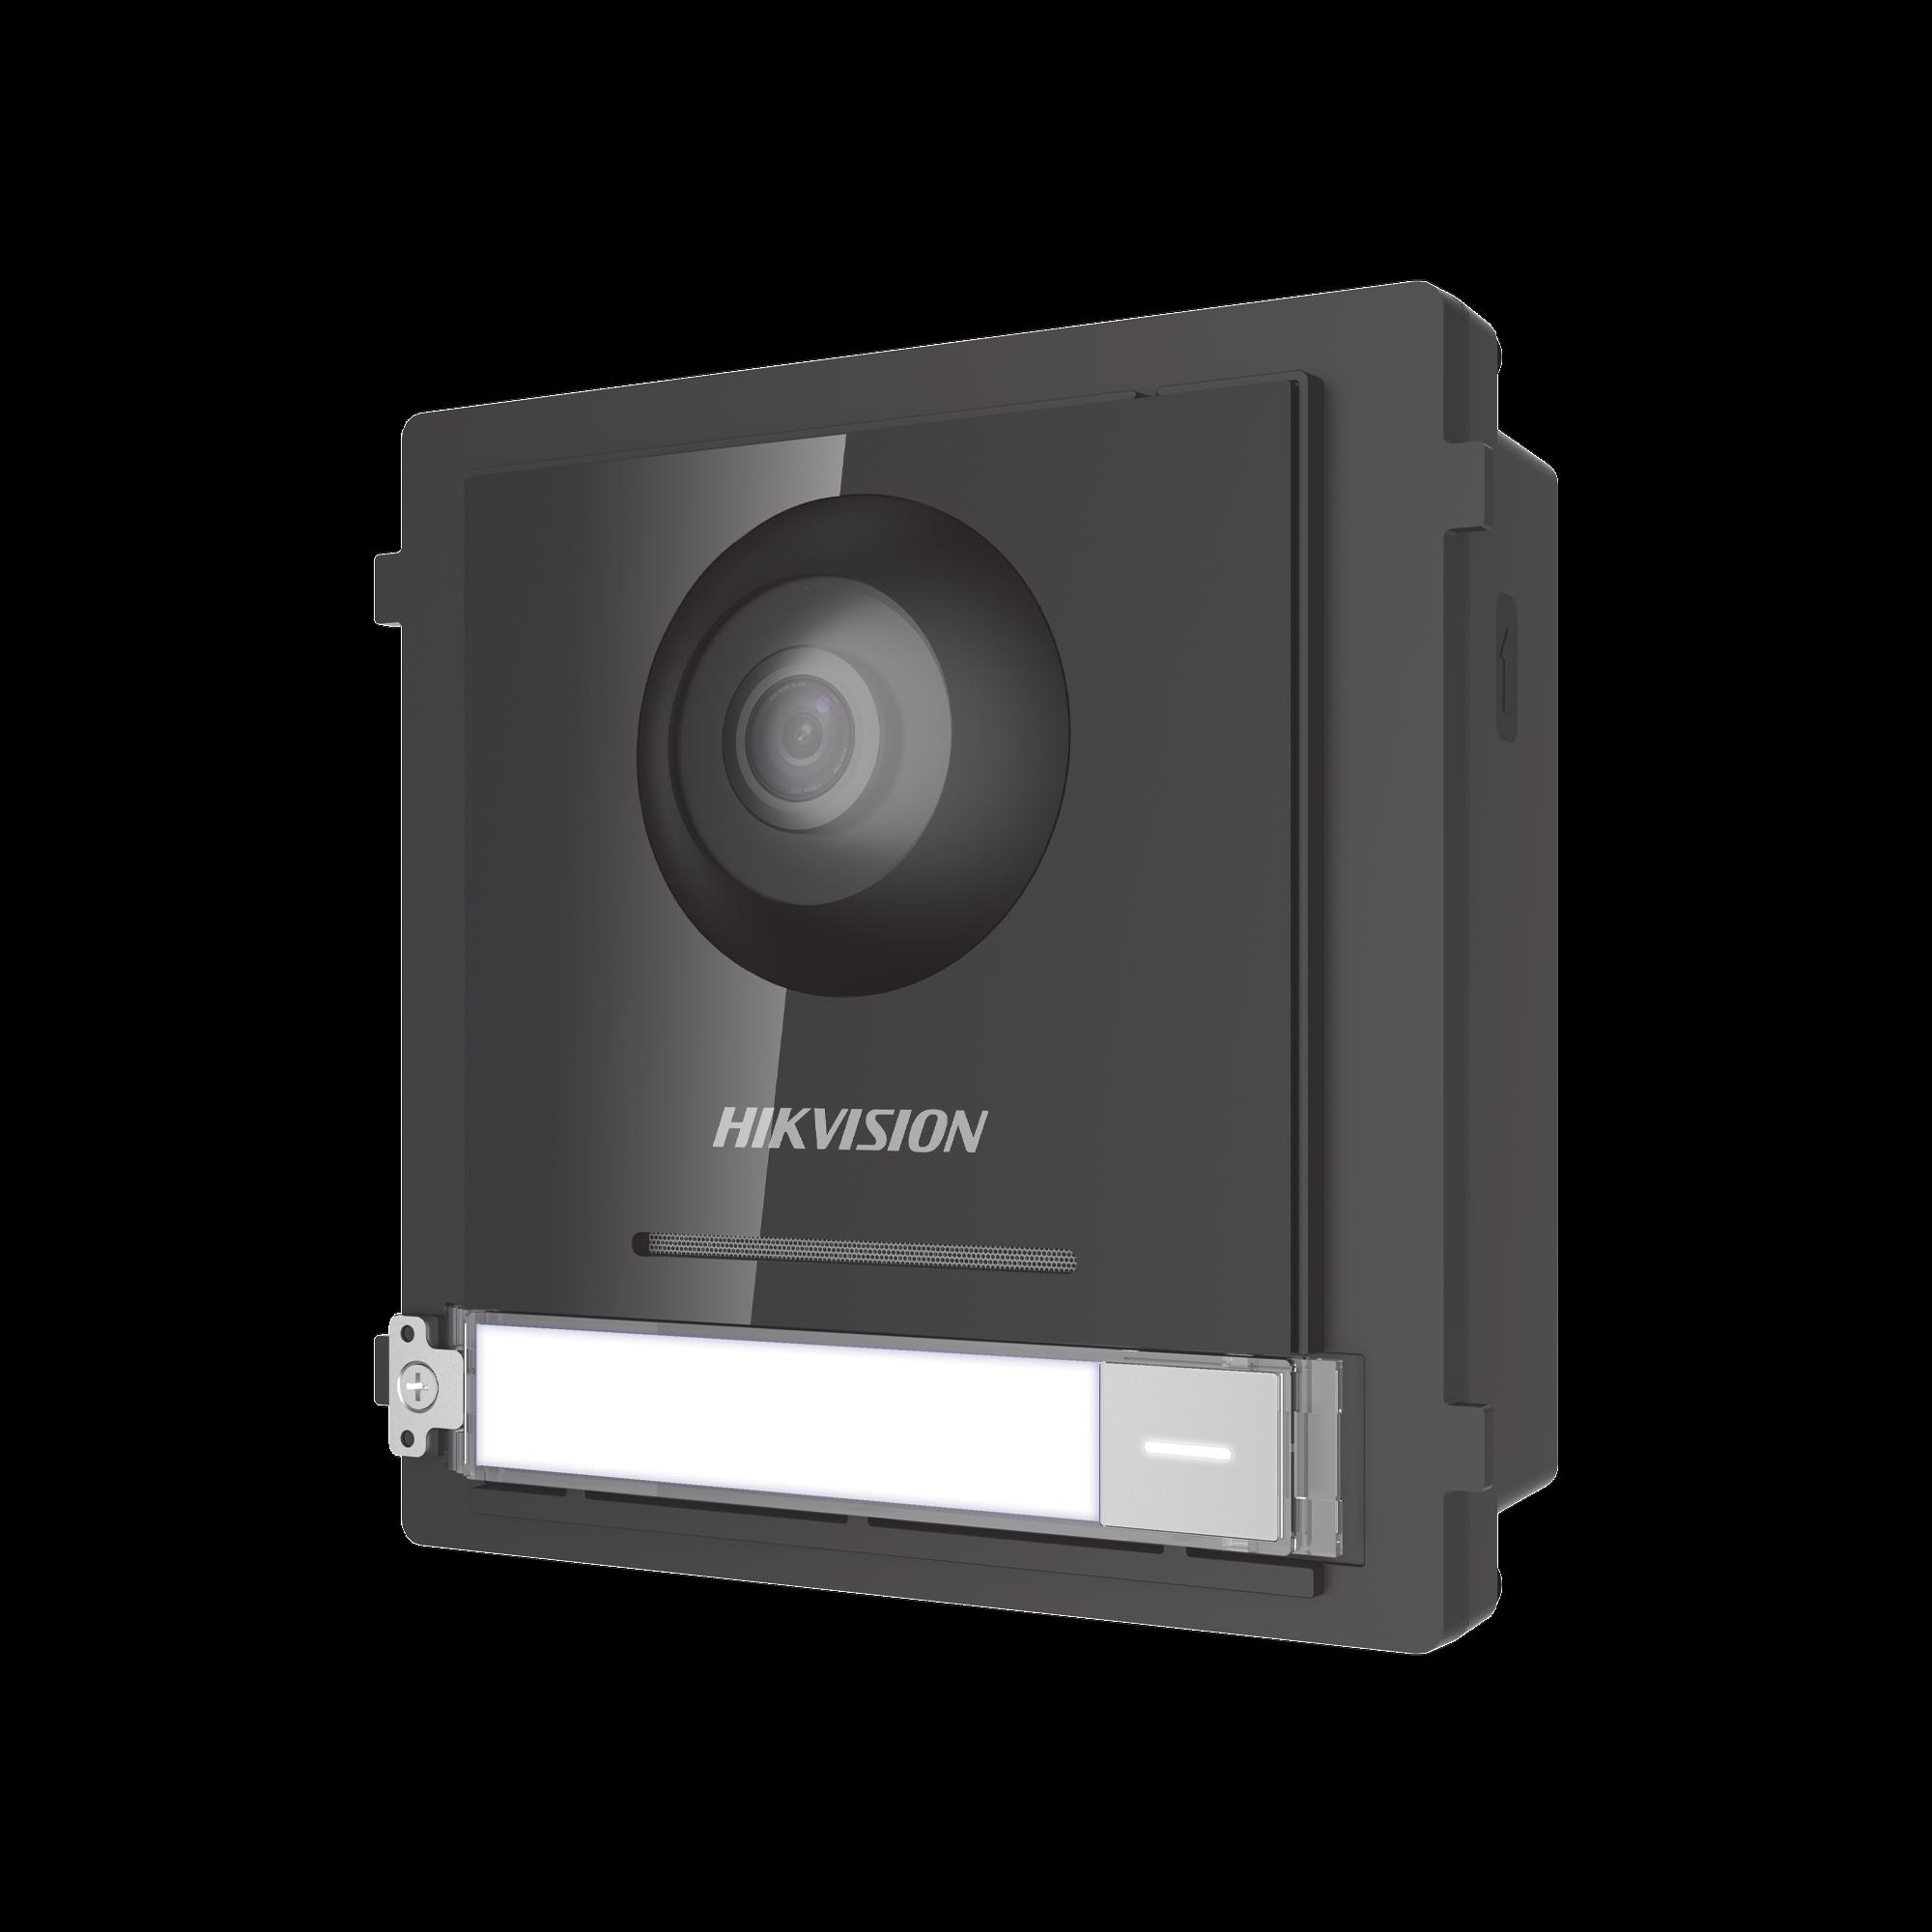 Frente de calle IP 2 Megapixel para Videoportero Modular / PoE / Angulo 180? / Ultra Baja Iluminación / Exterior IP65 / WDR 120 dB